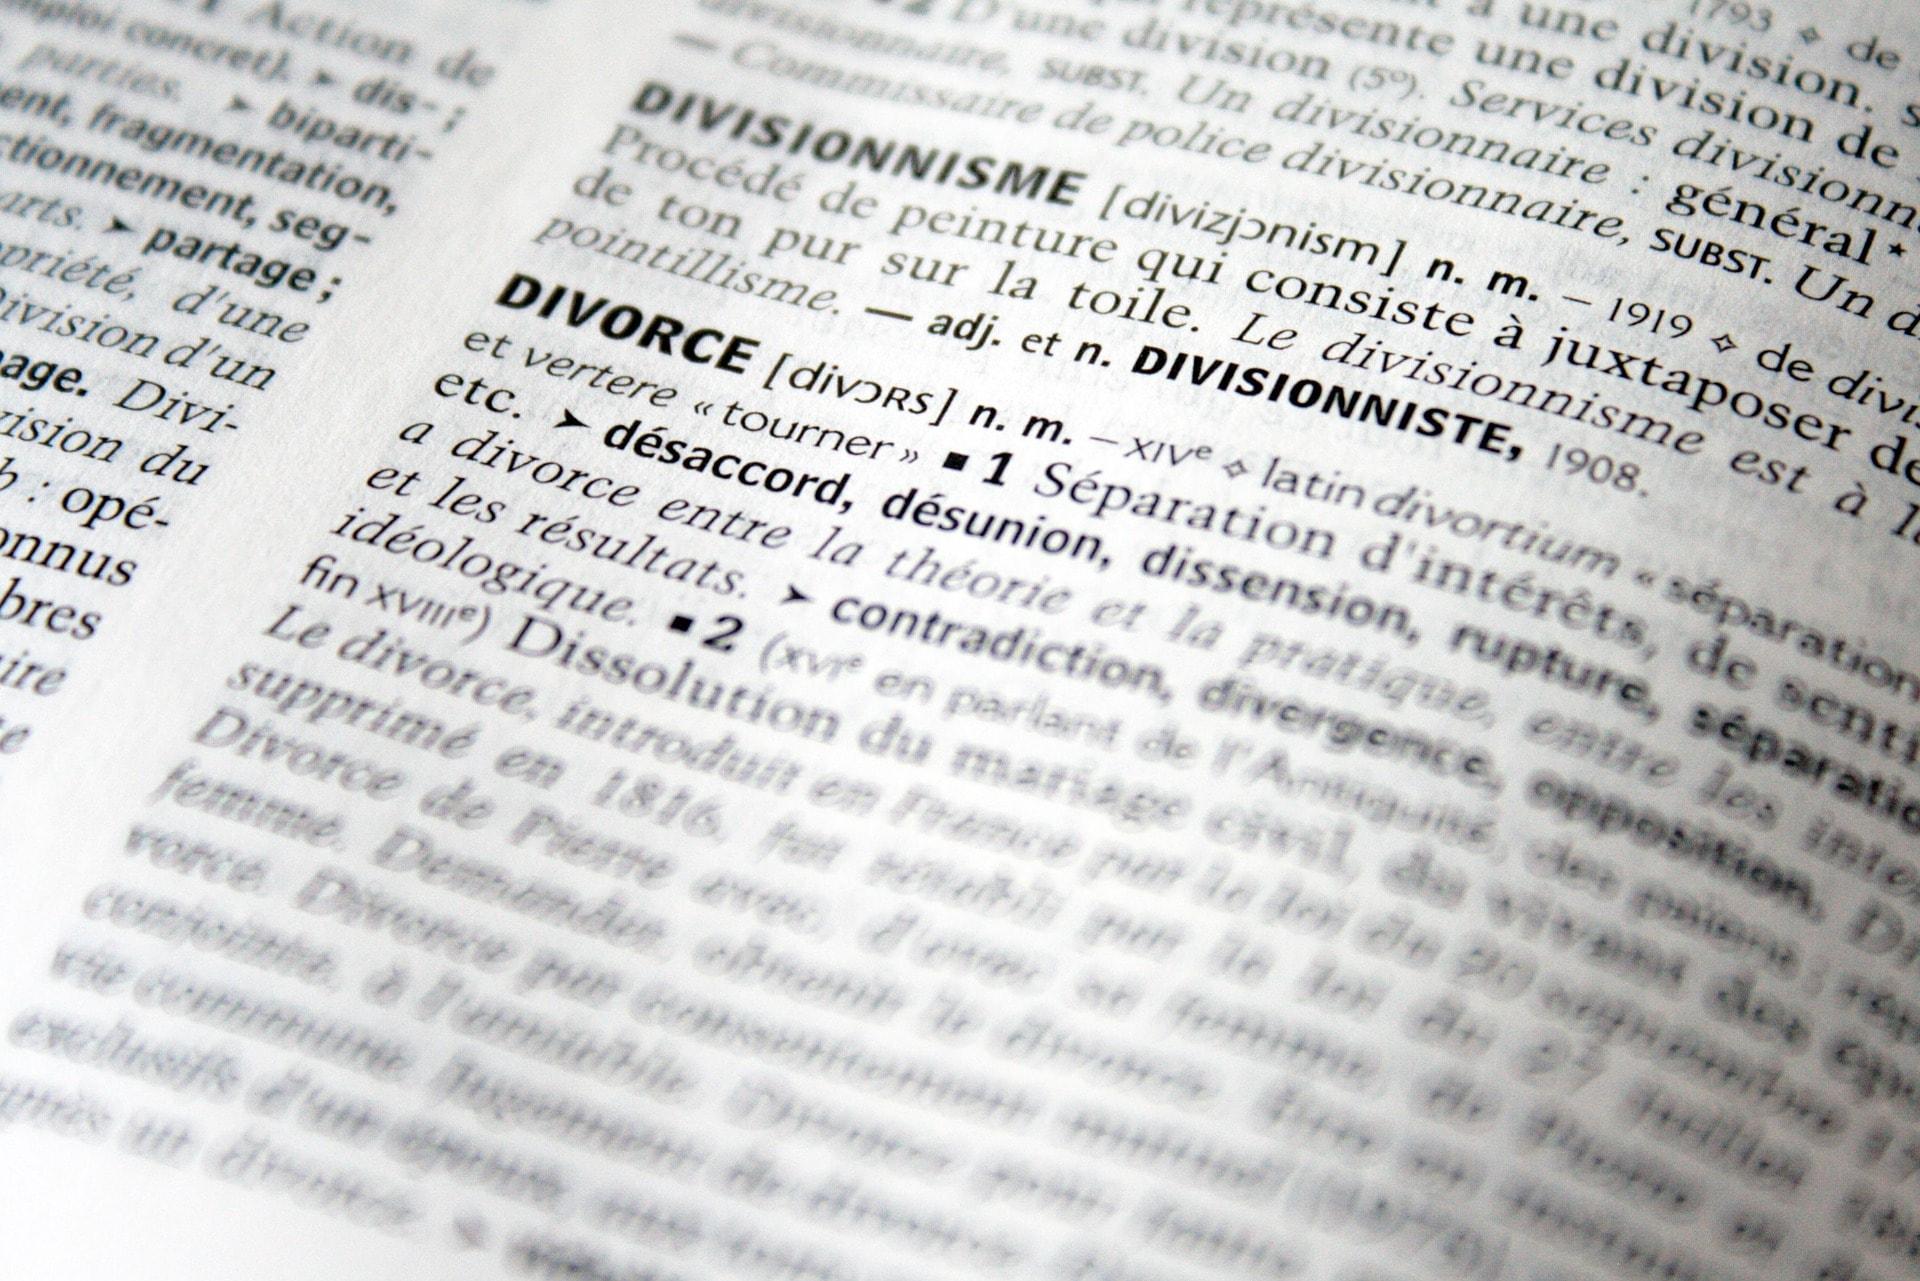 Droit de la famille, divorce